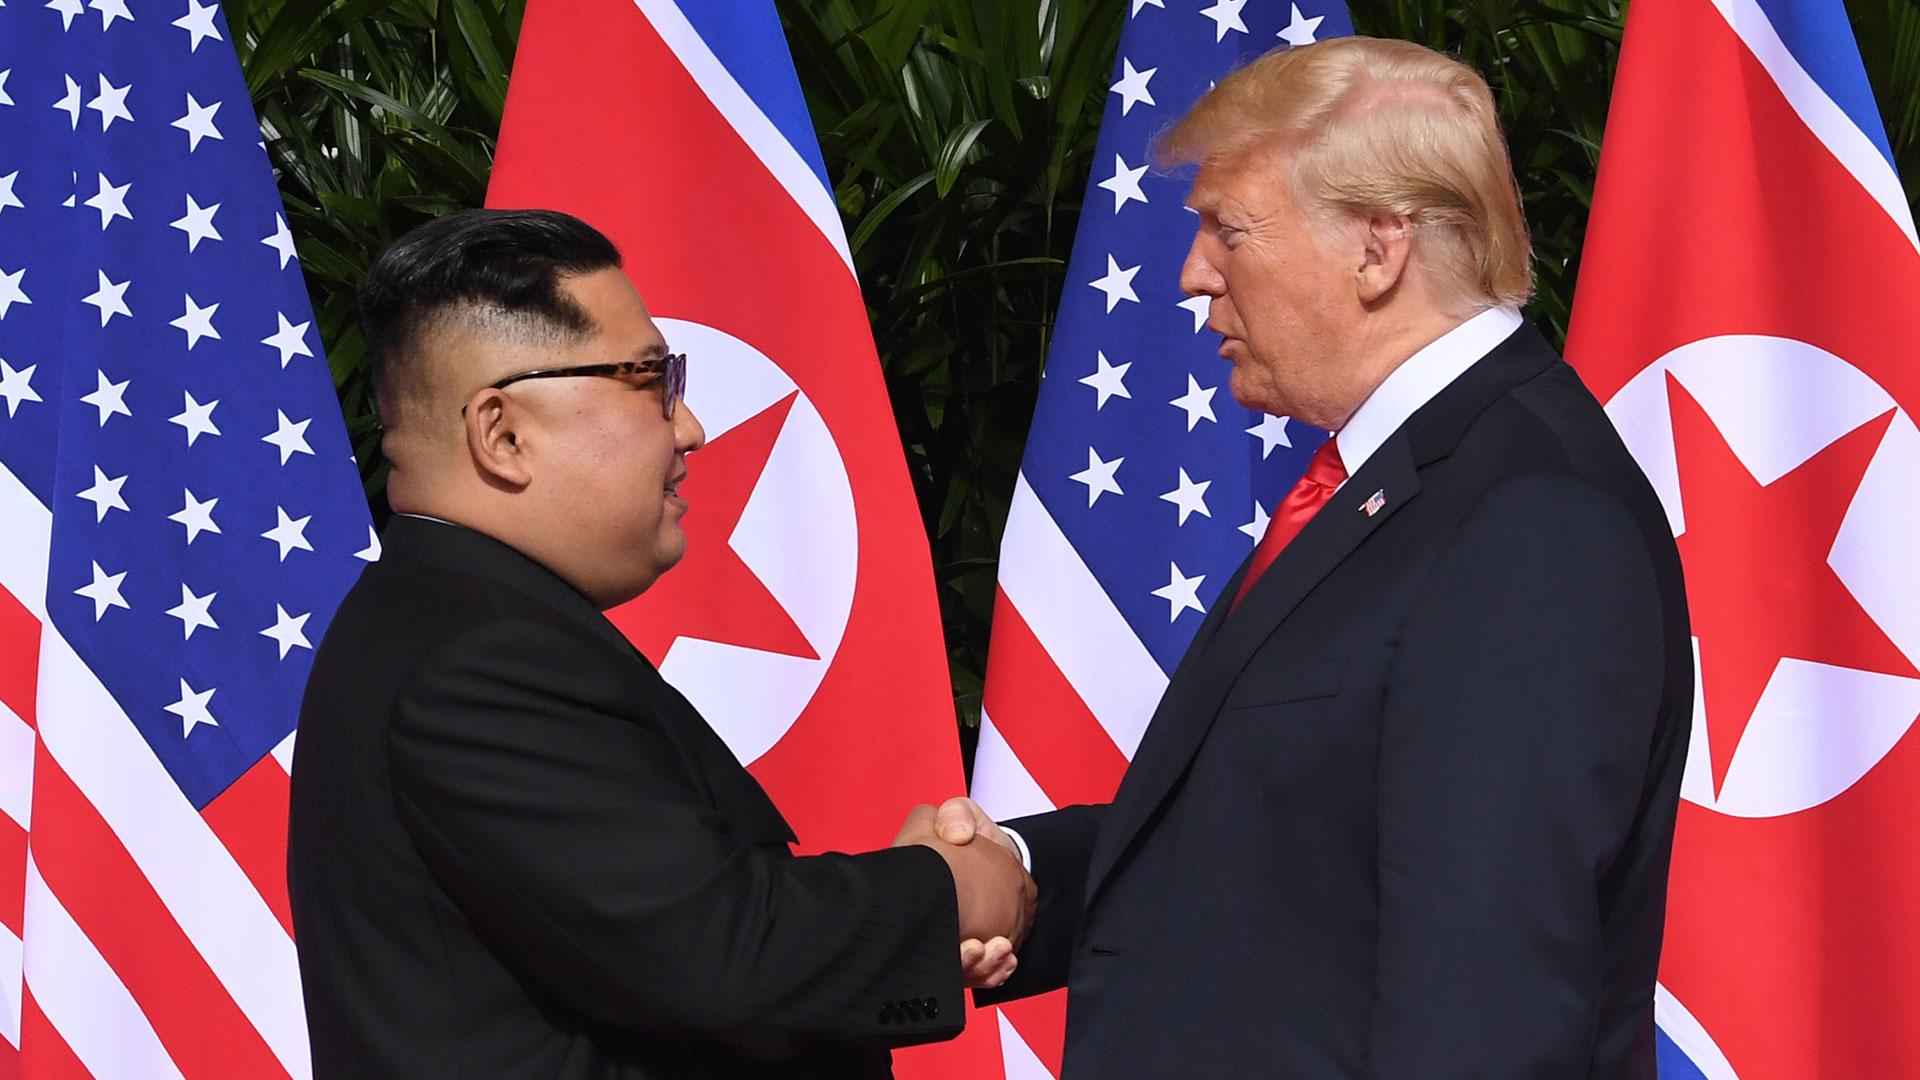 El histórico apretón de mano entre los dos líderes. (AFP)